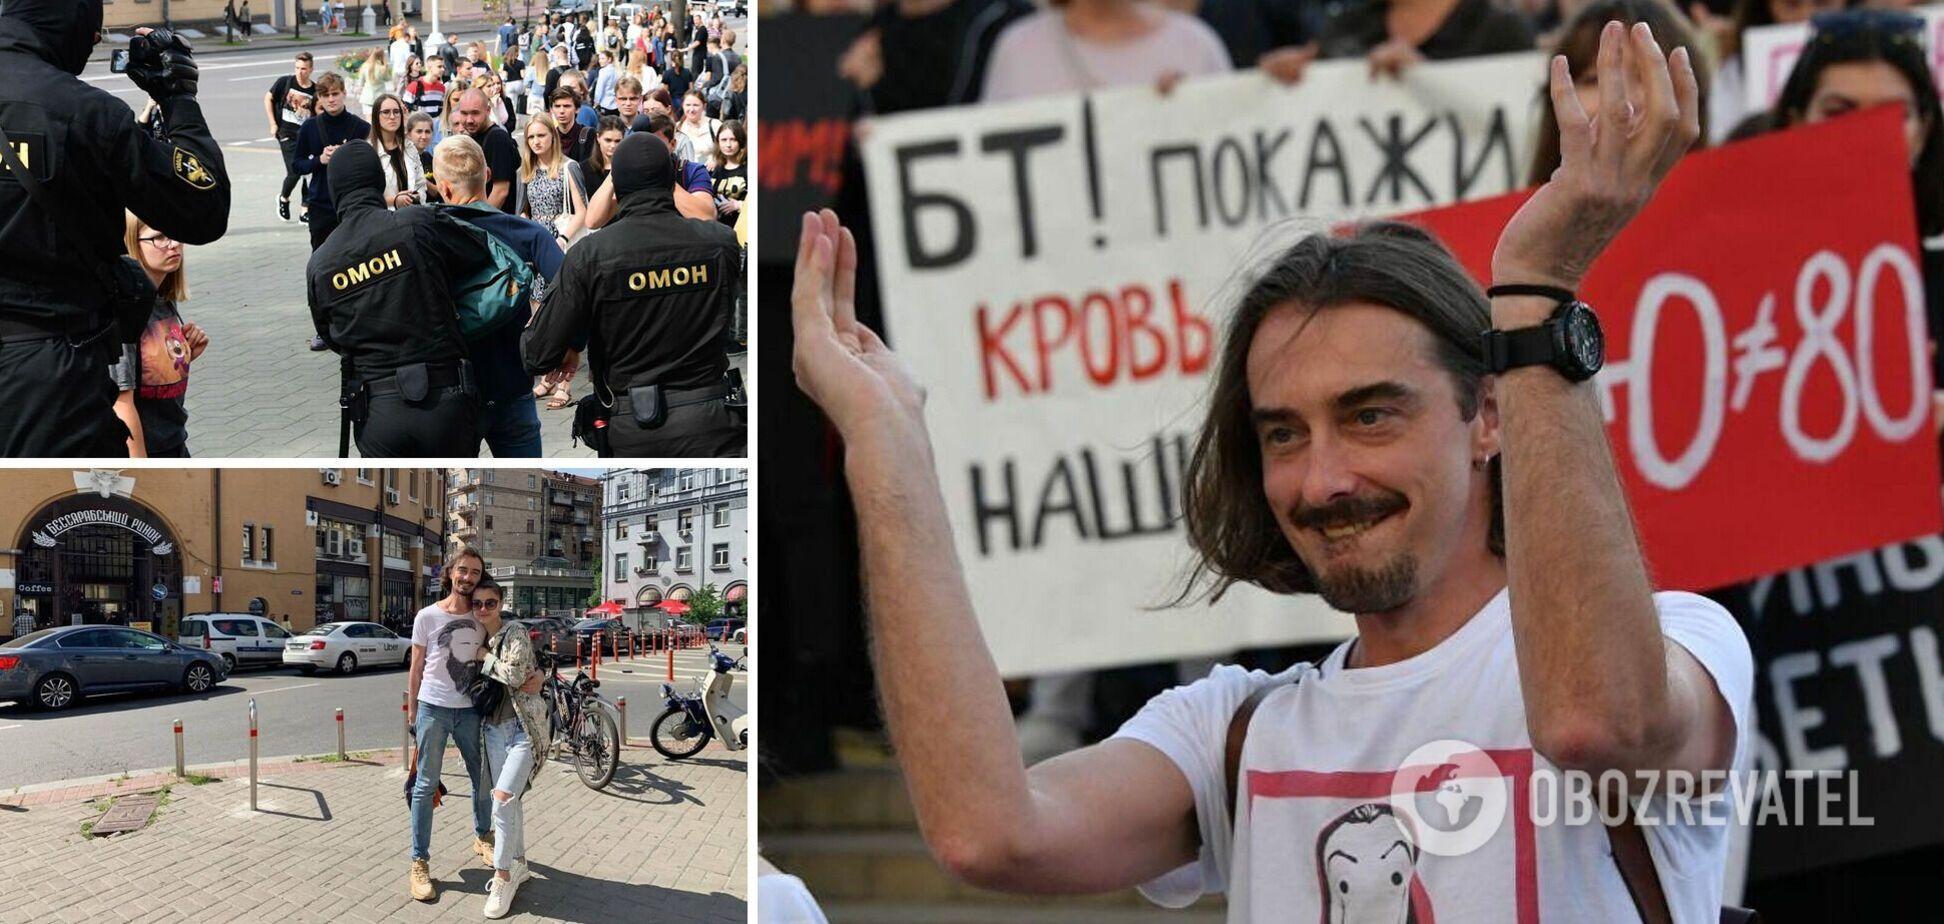 Дудінський: Лукашенко зрозумів, що помилився. З Білорусі не їдуть, а тікають. Ексклюзивне інтерв'ю